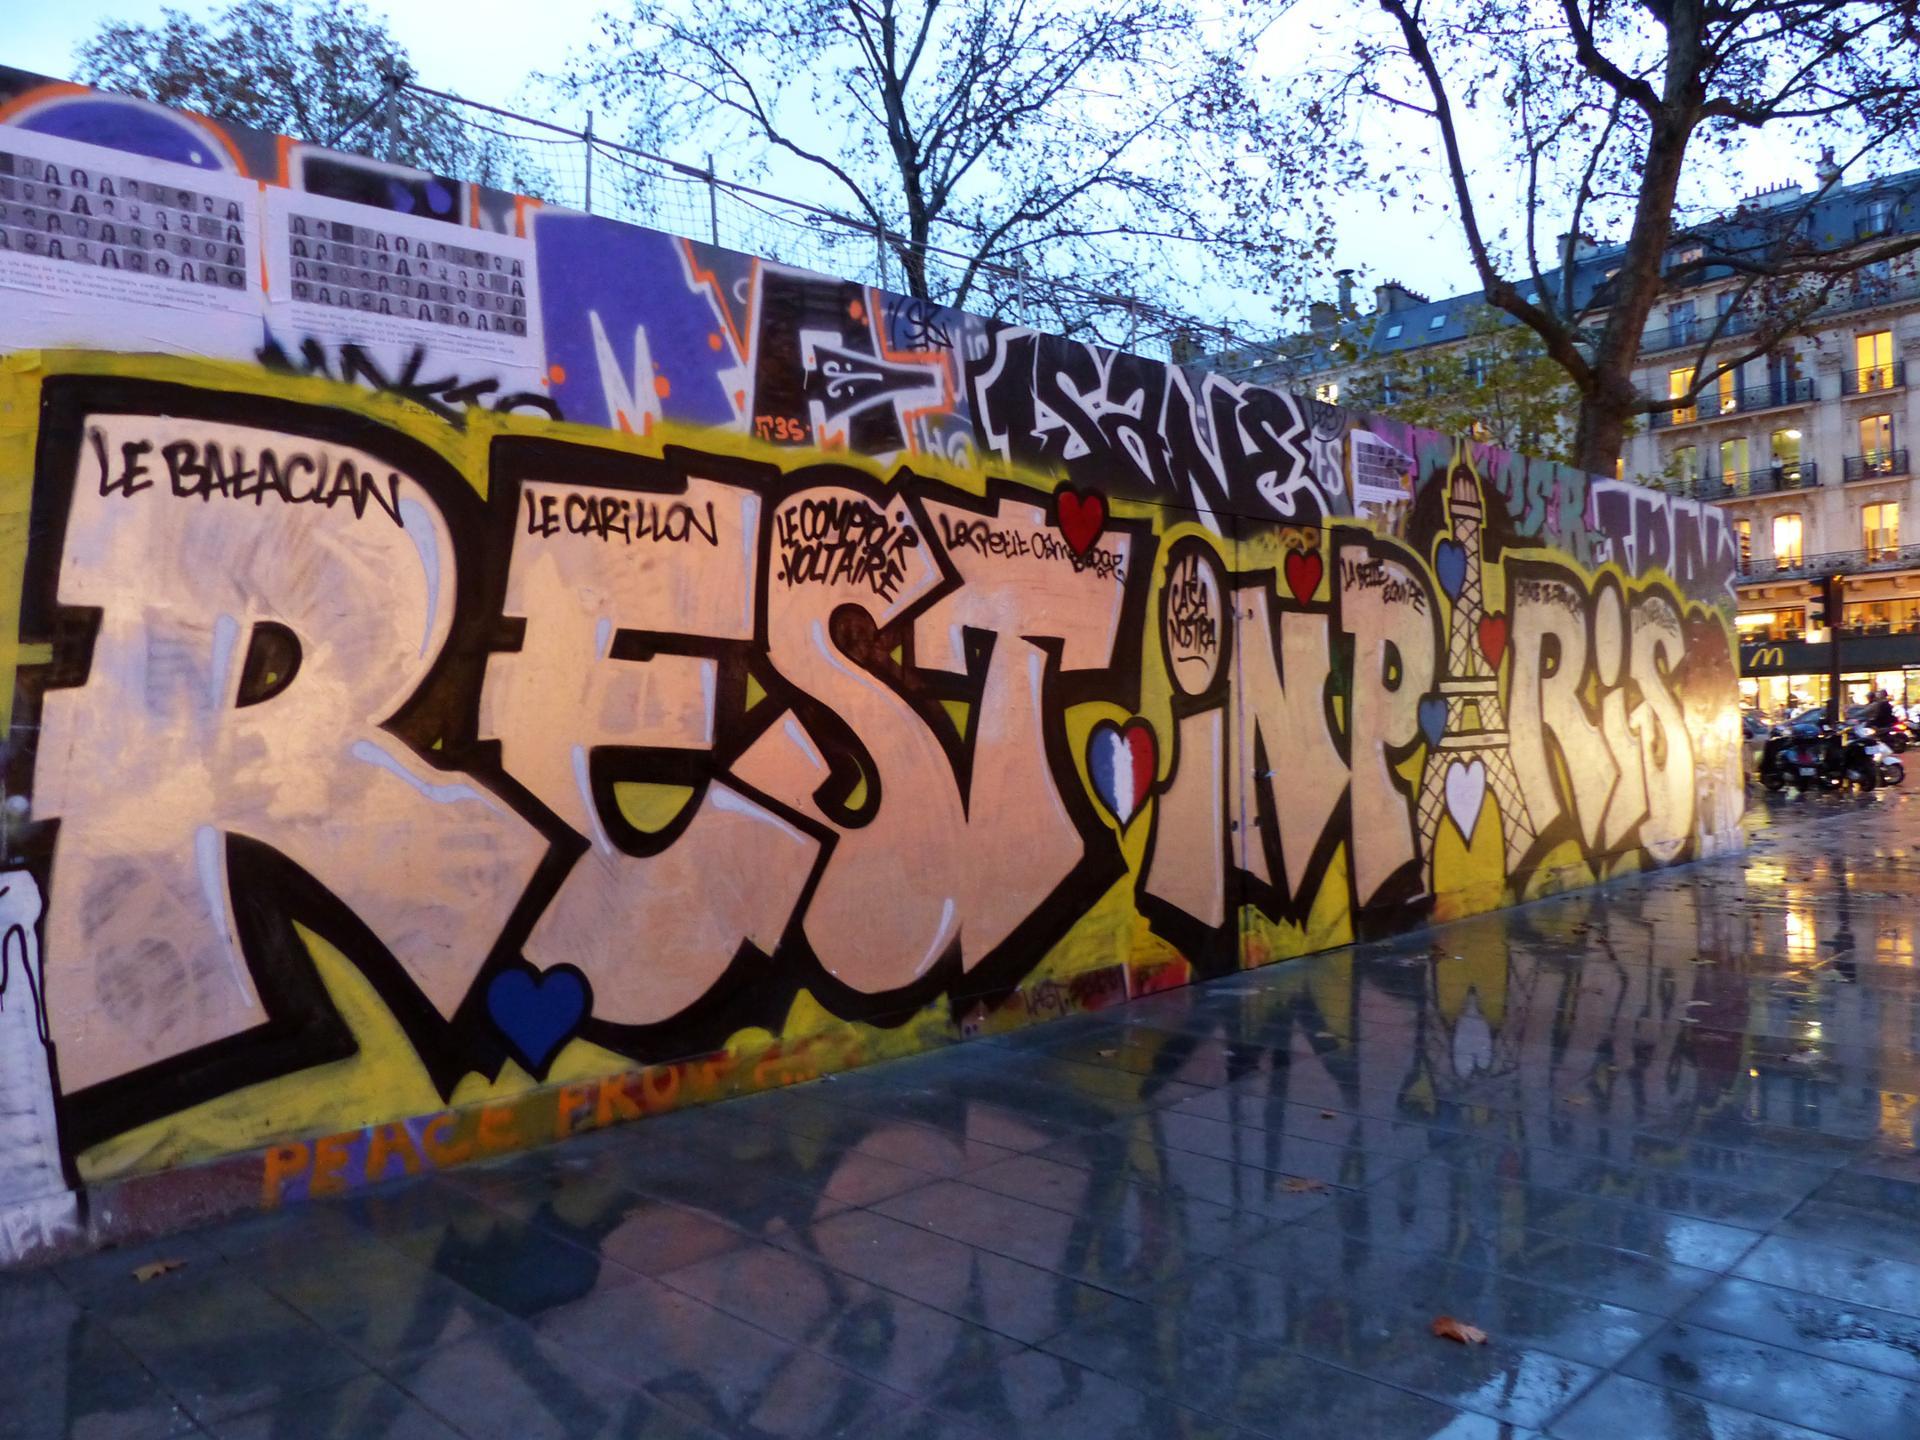 Rest in Paris